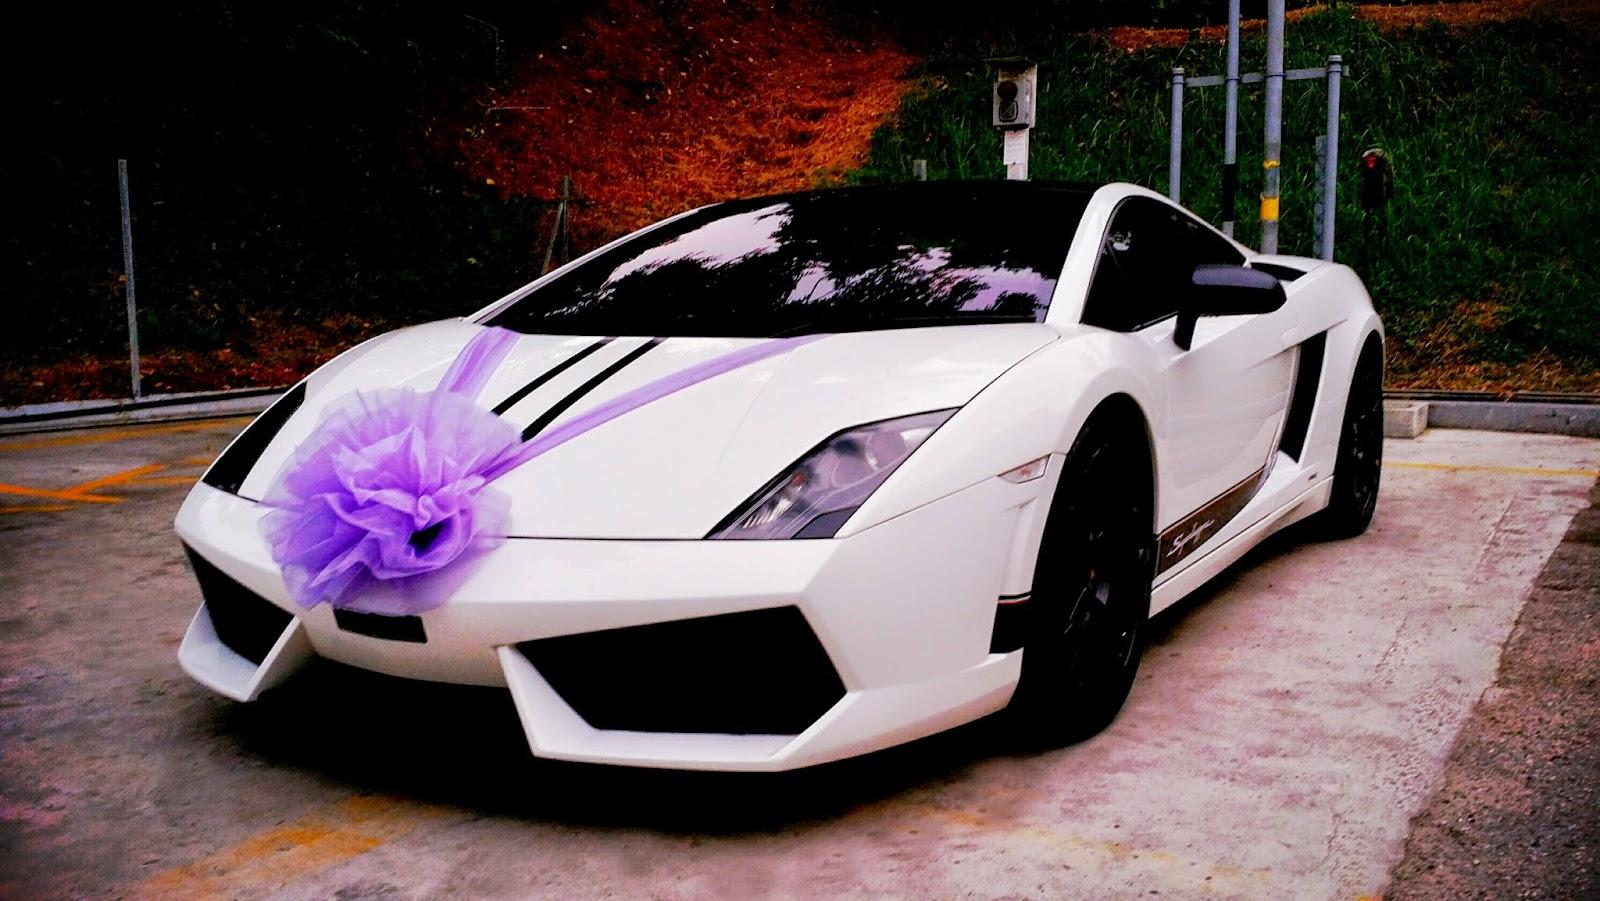 Coche de Boda o evento, deportivo o clásico en Ibiza Rent a Car venta Alquiler renting coches de lujo rent a car